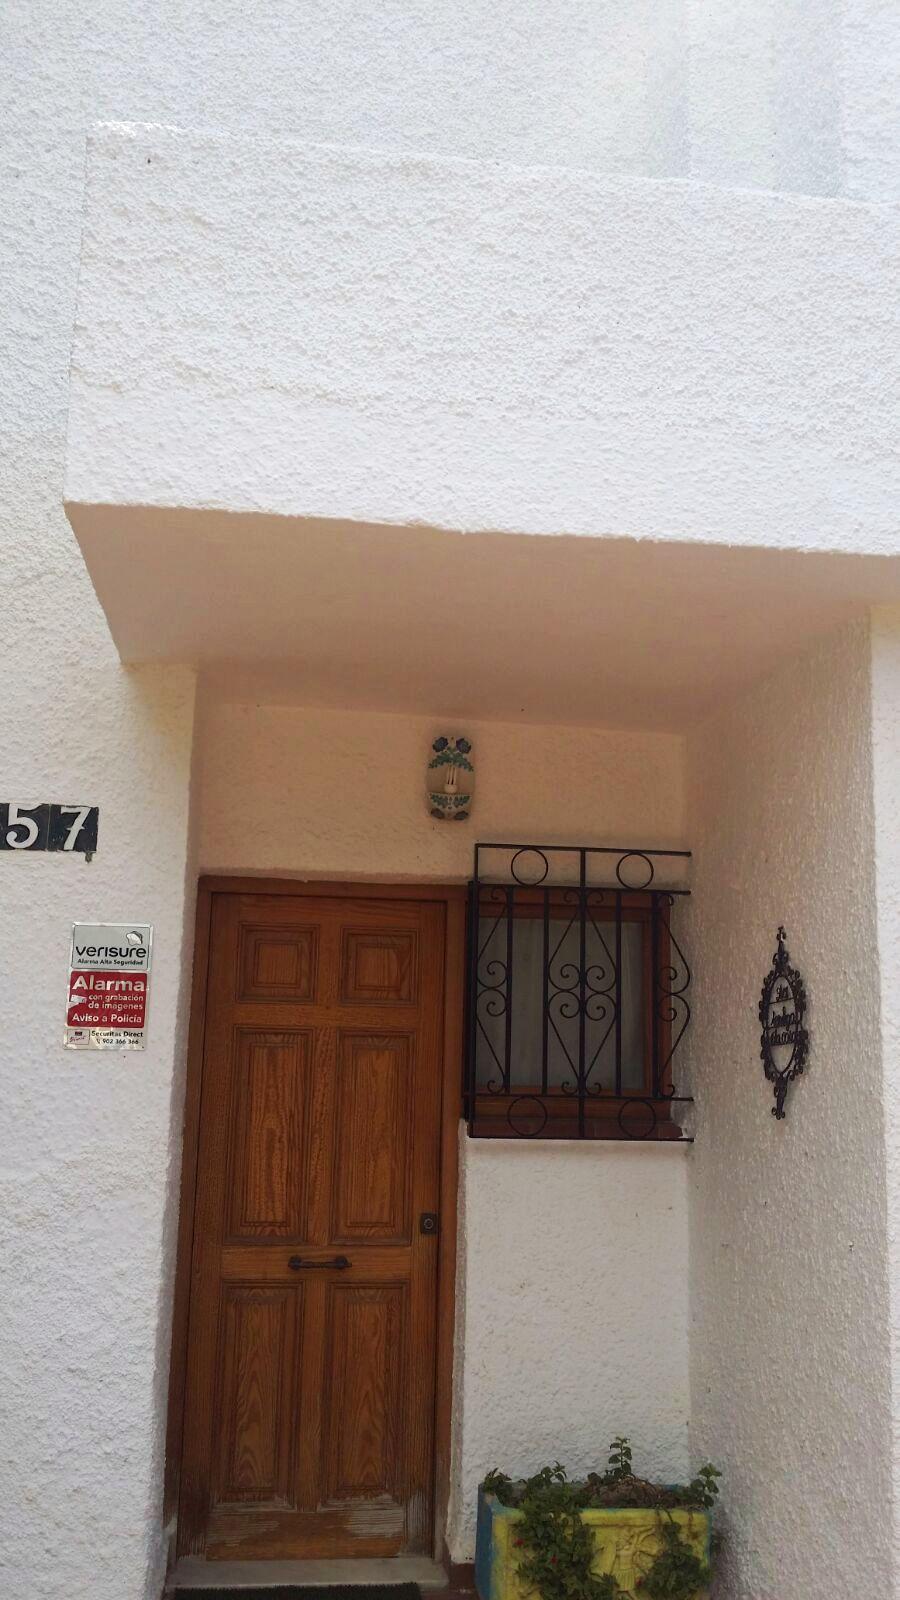 Chalet located in the urbanization of Roquetas de Mar (Almeria), in an exclusive area of villas, 150Spain